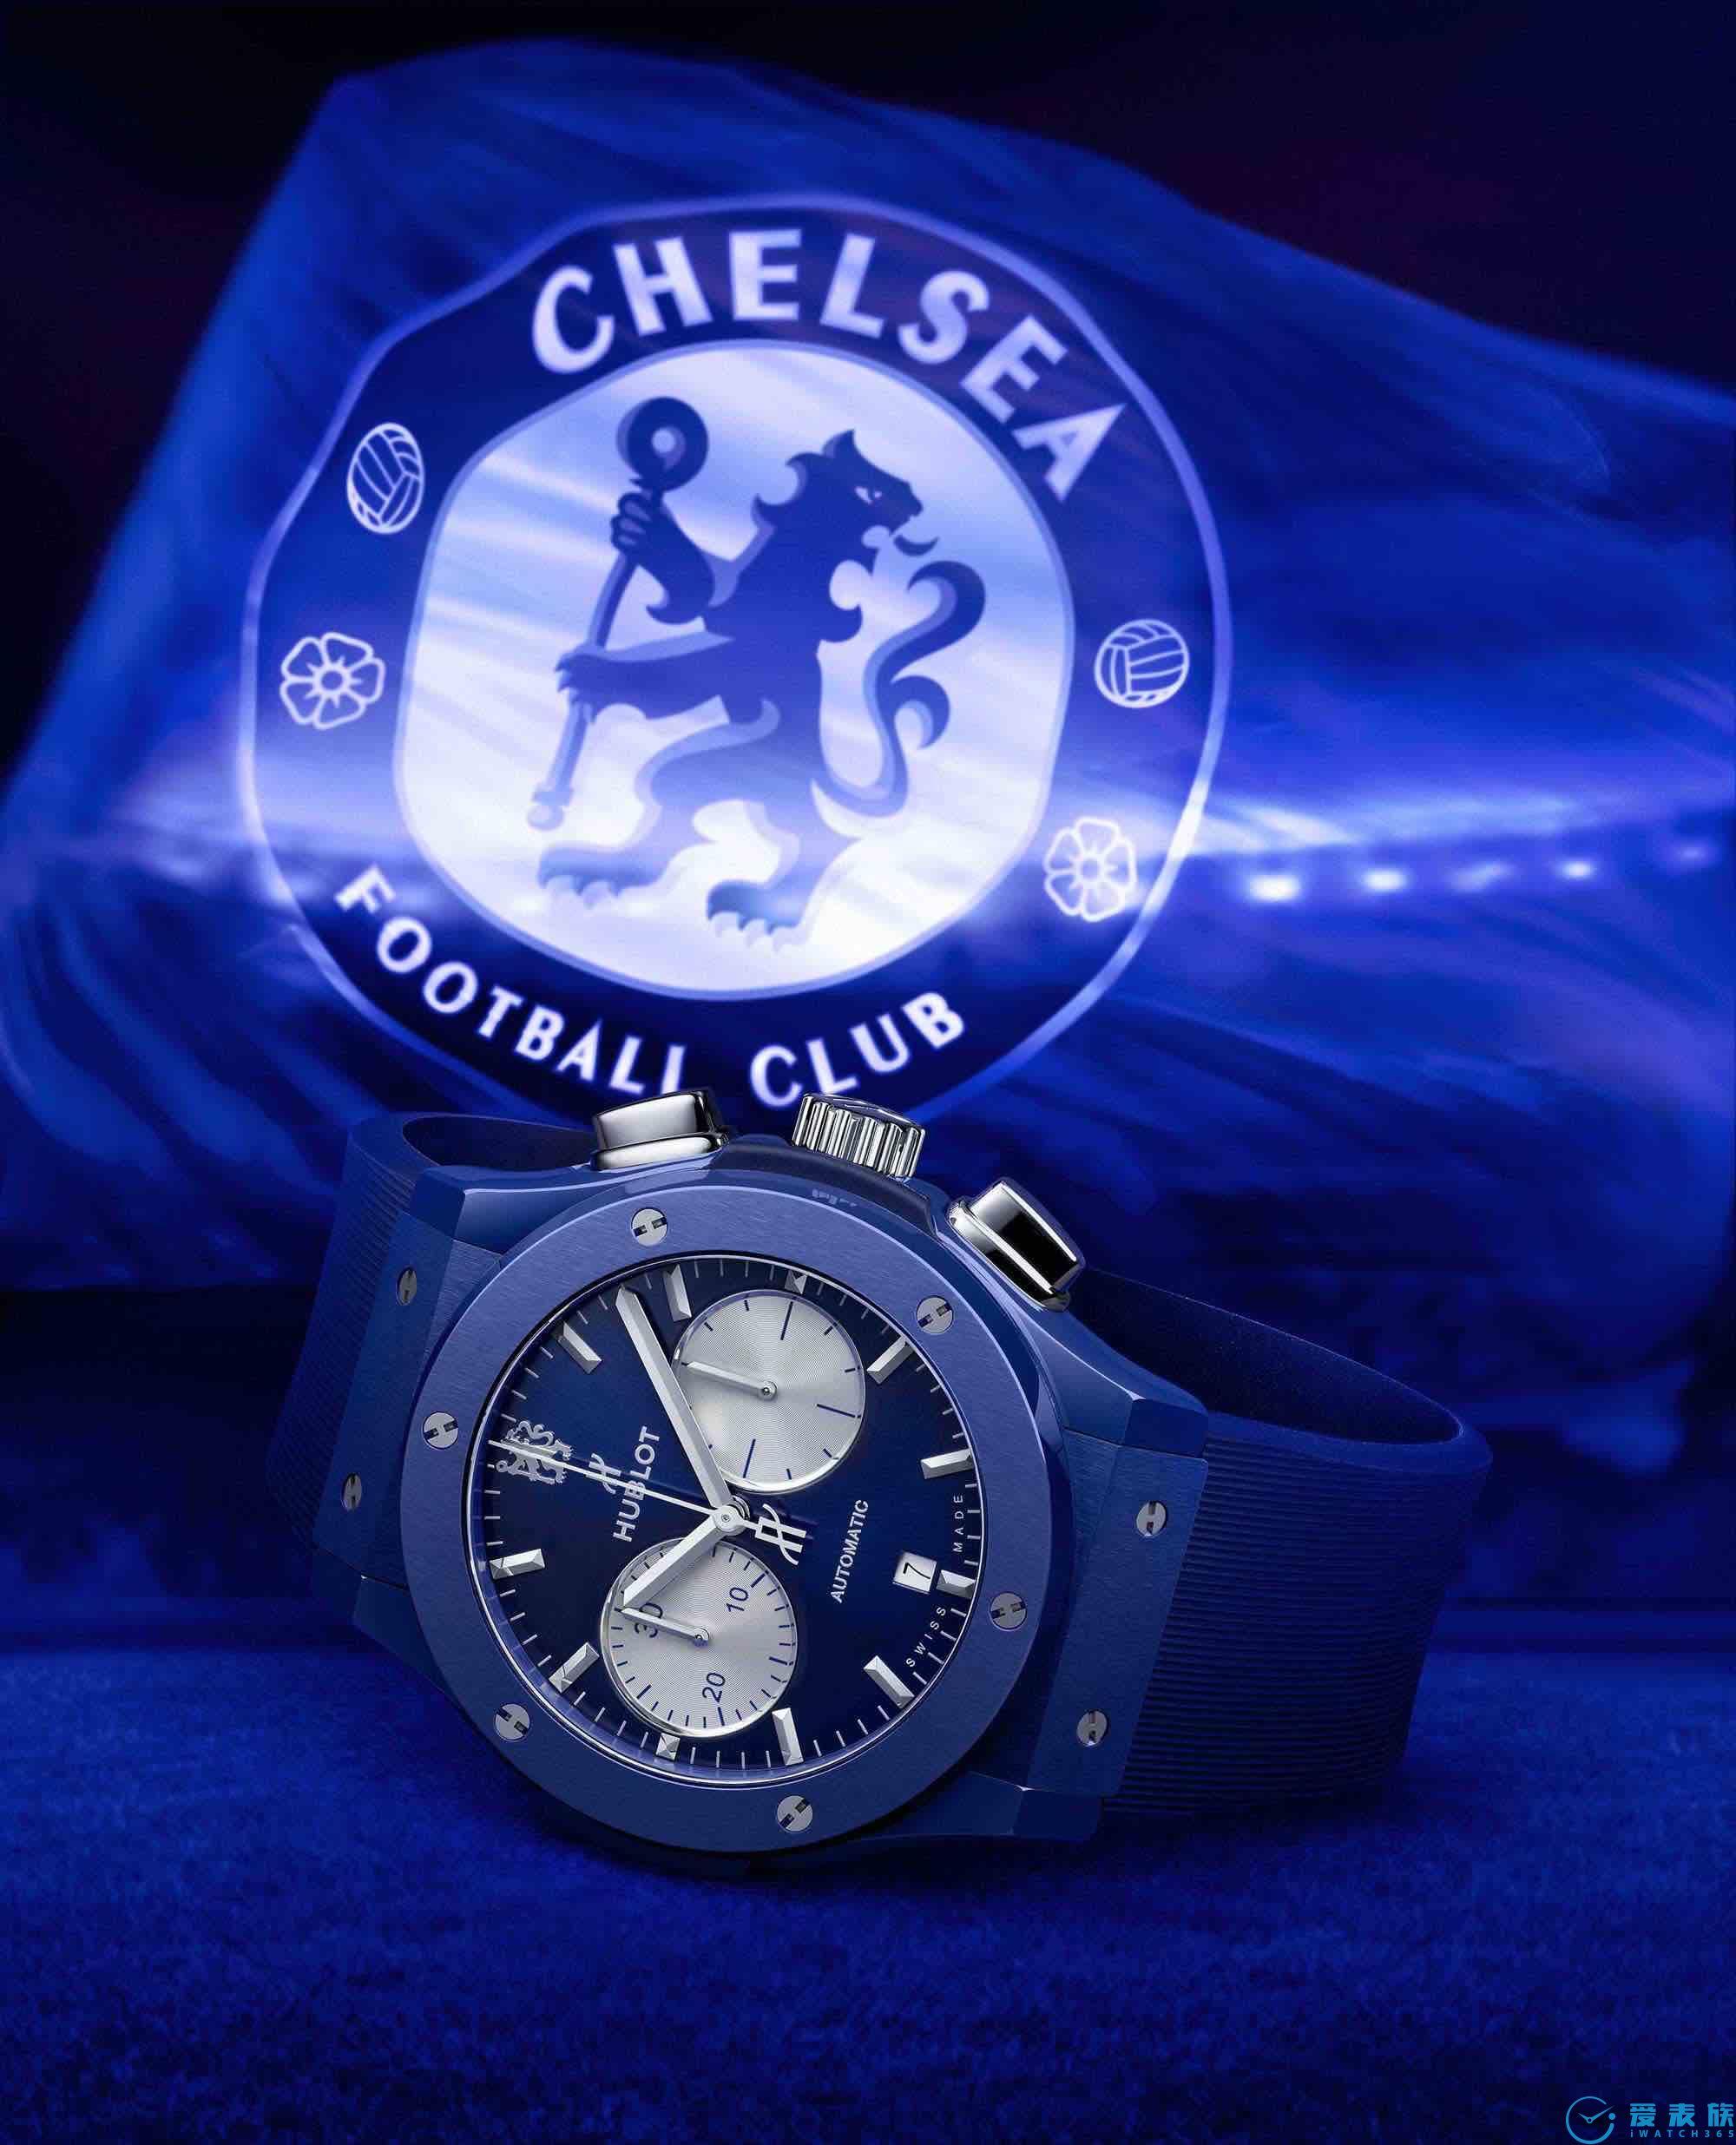 照耀伦敦天际线的那一抹蓝 HUBLOT宇舶表携手切尔西俱乐部发布全新腕表